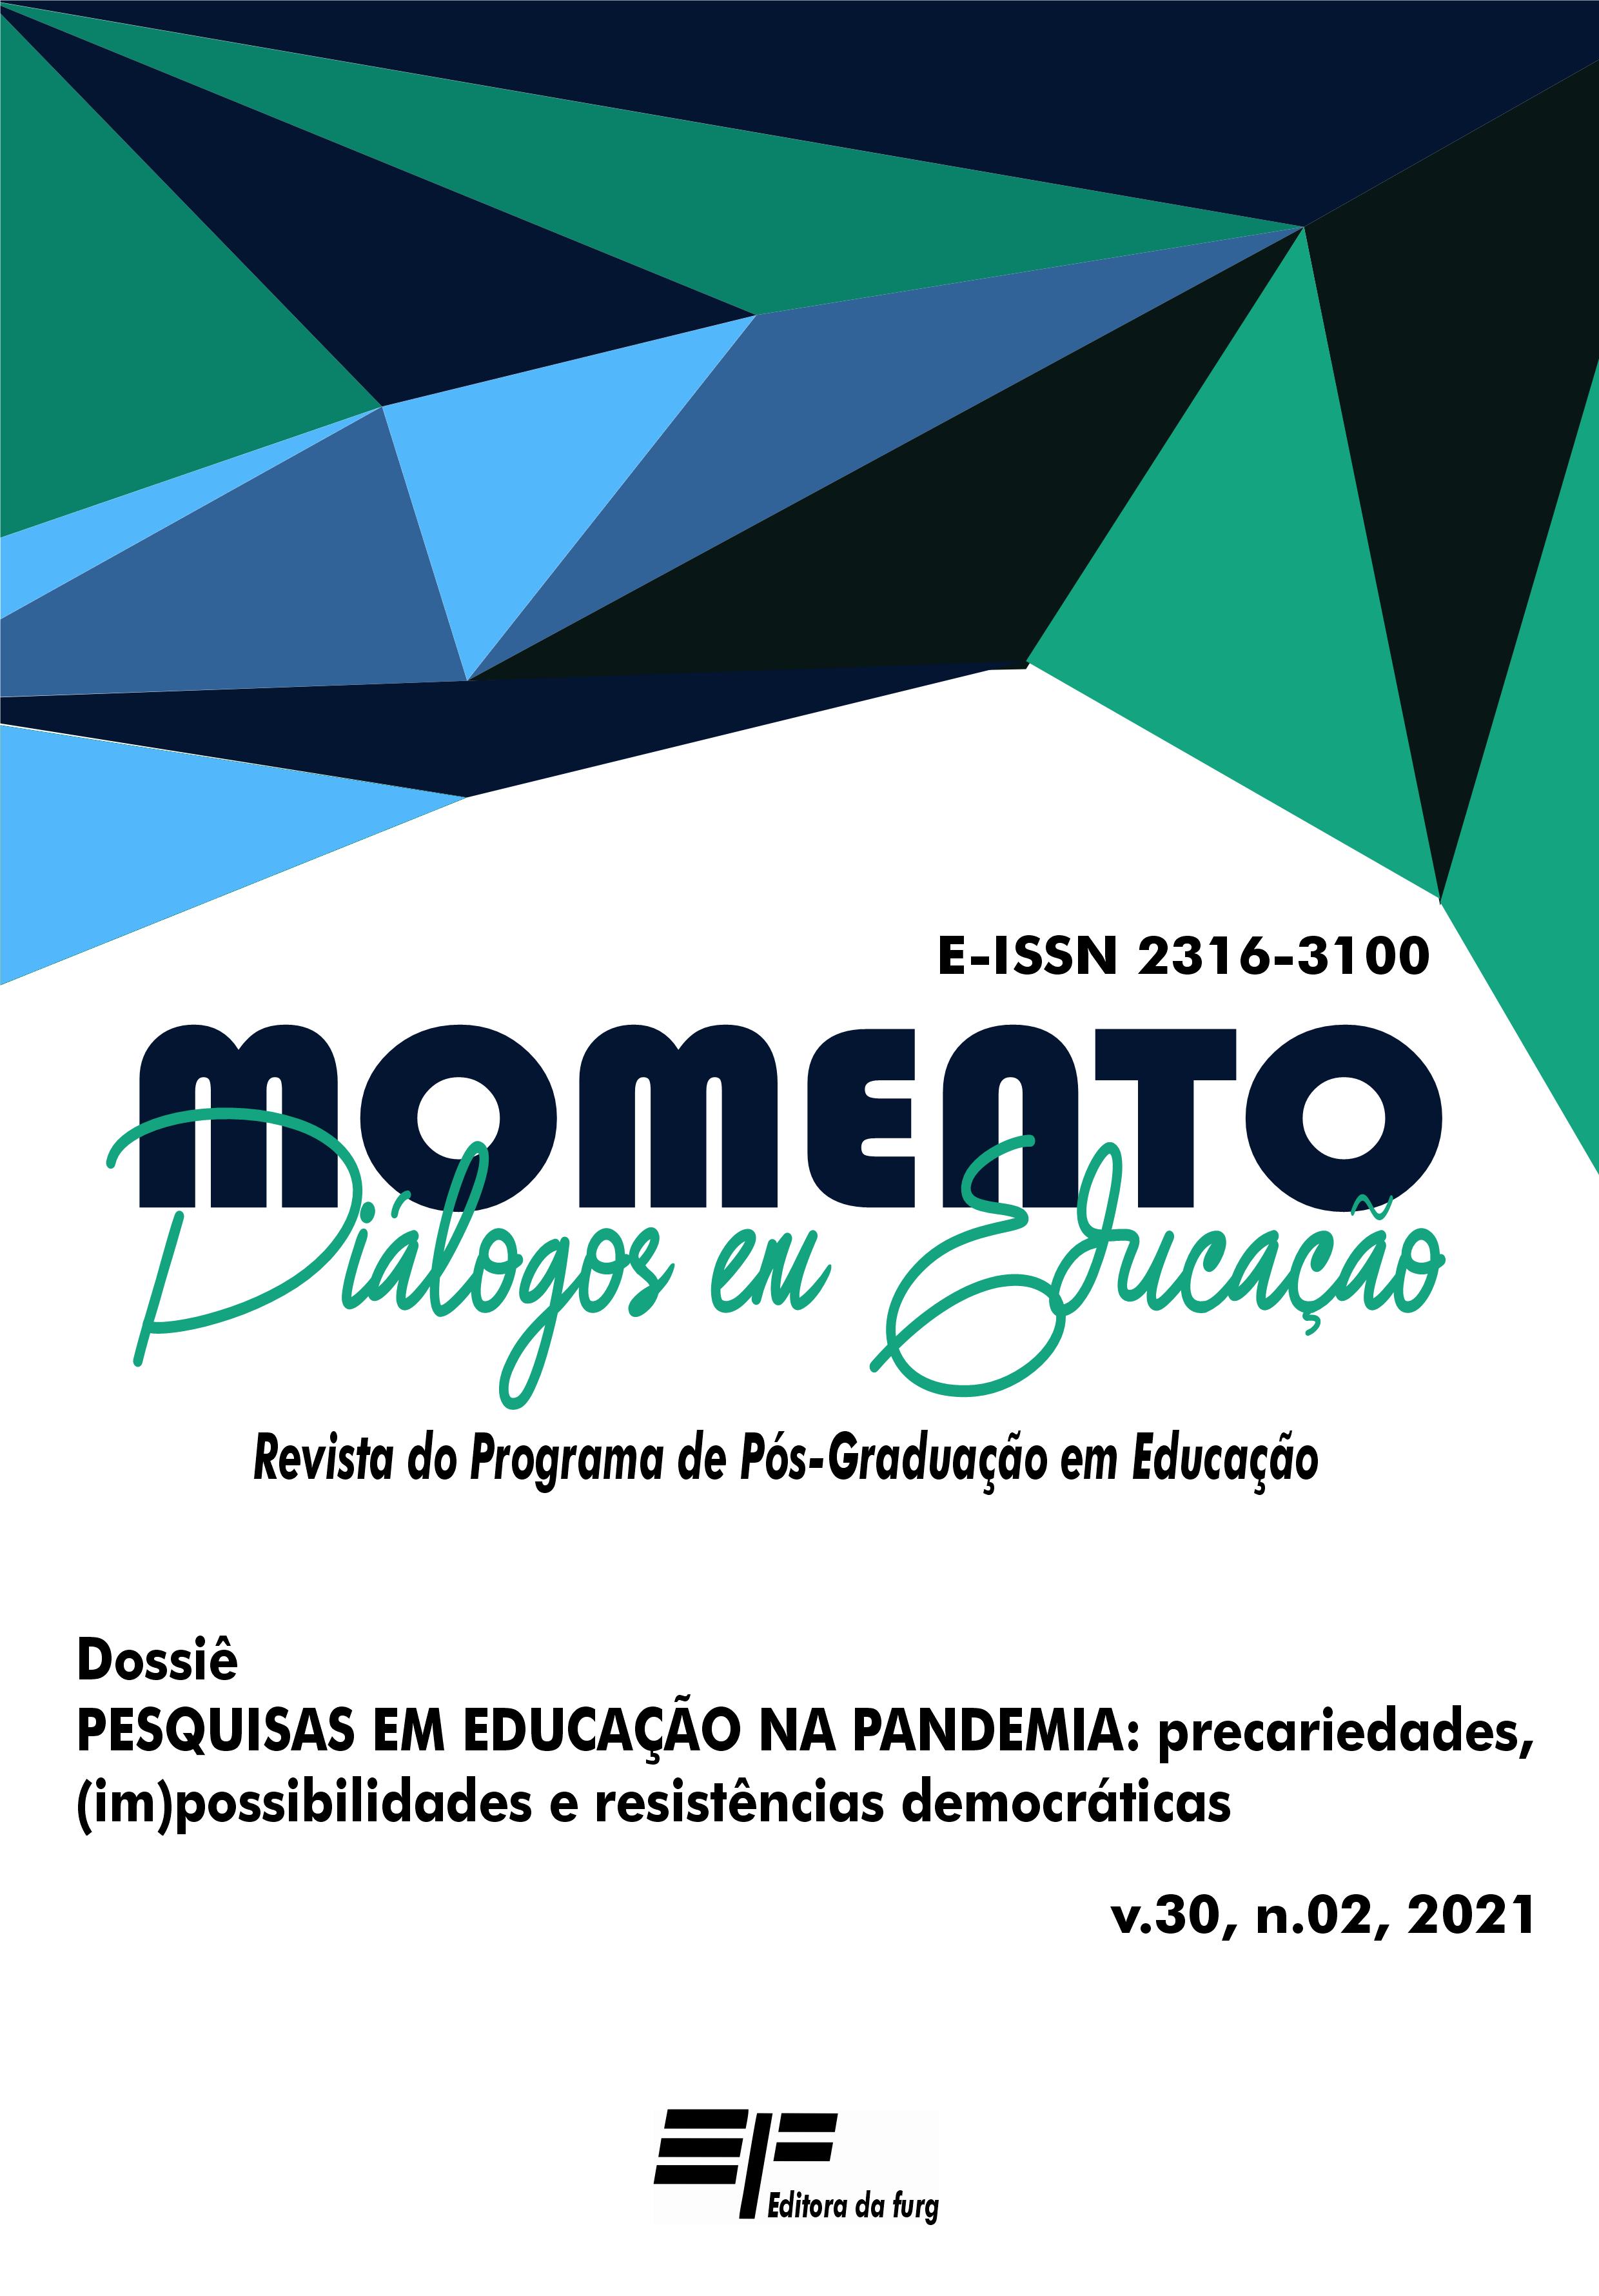 Visualizar v. 30 n. 02 (2021): Dossiê temático: PESQUISAS EM EDUCAÇÃO NA PANDEMIA: precariedades, (im)possibilidades e resistências democráticas